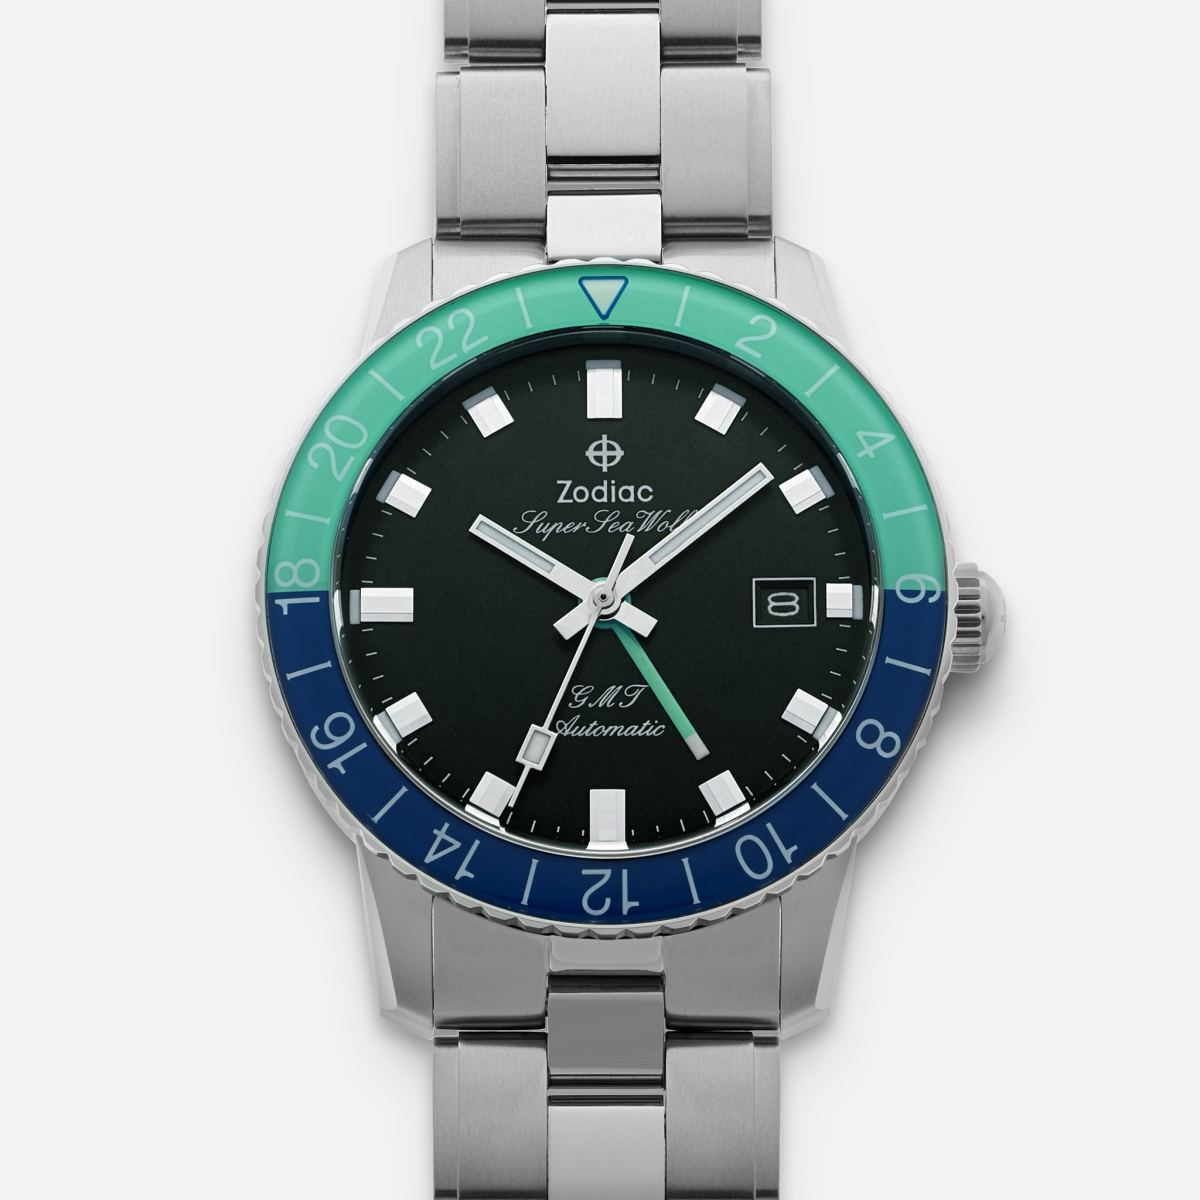 Zodiac Super Sea Wolf GMT